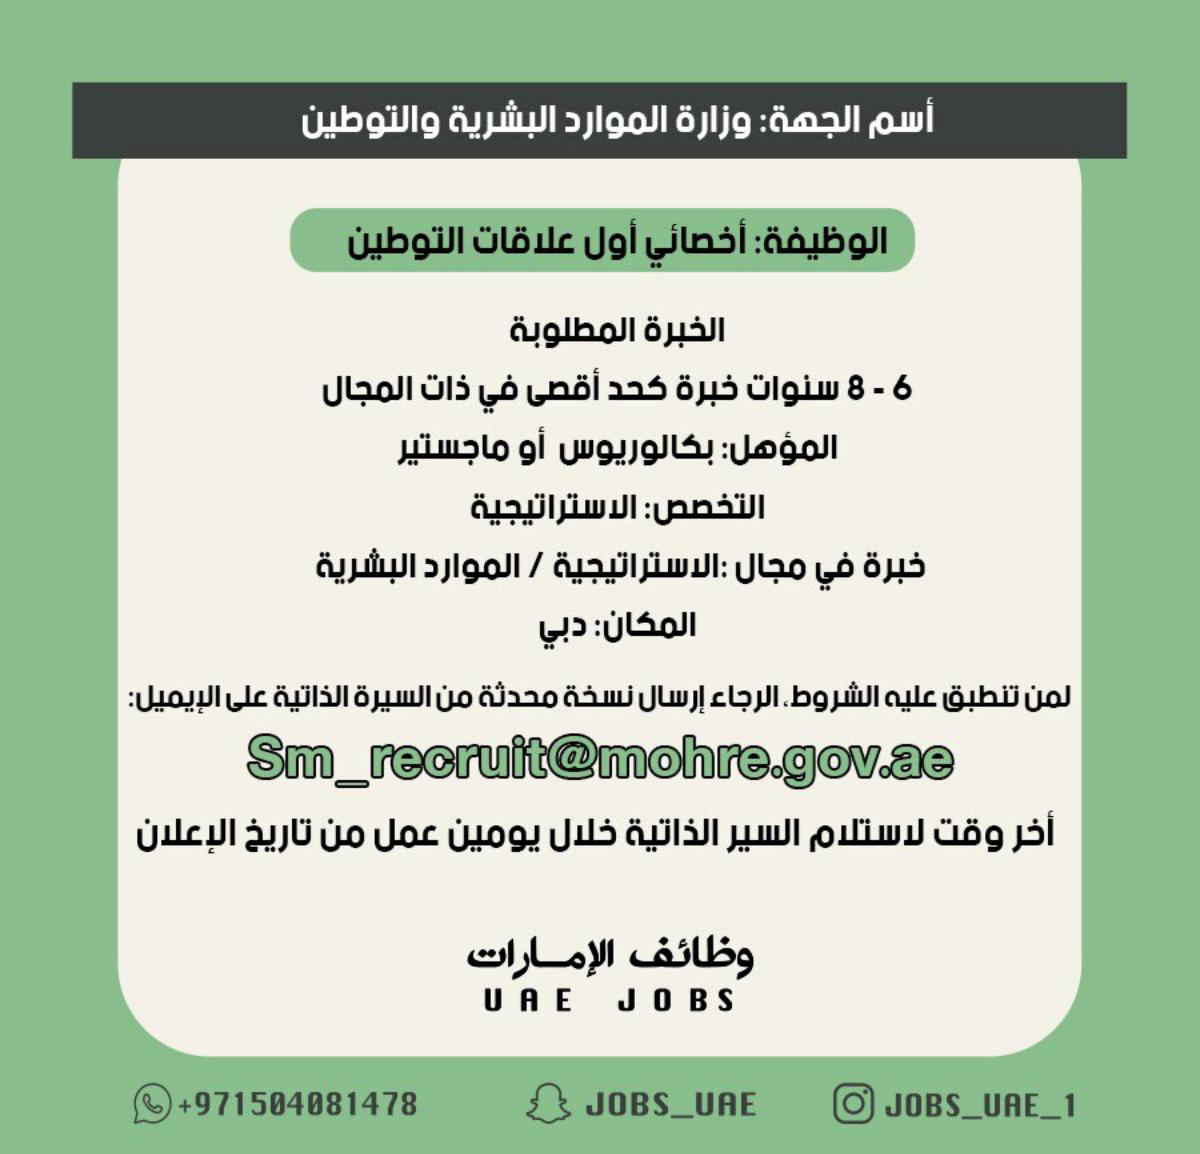 وظائف شاغره برواتب 6000 درهم في تسهيل عجمان ولا يشترط الخبره بالامارات مدونة وظائف الخليج